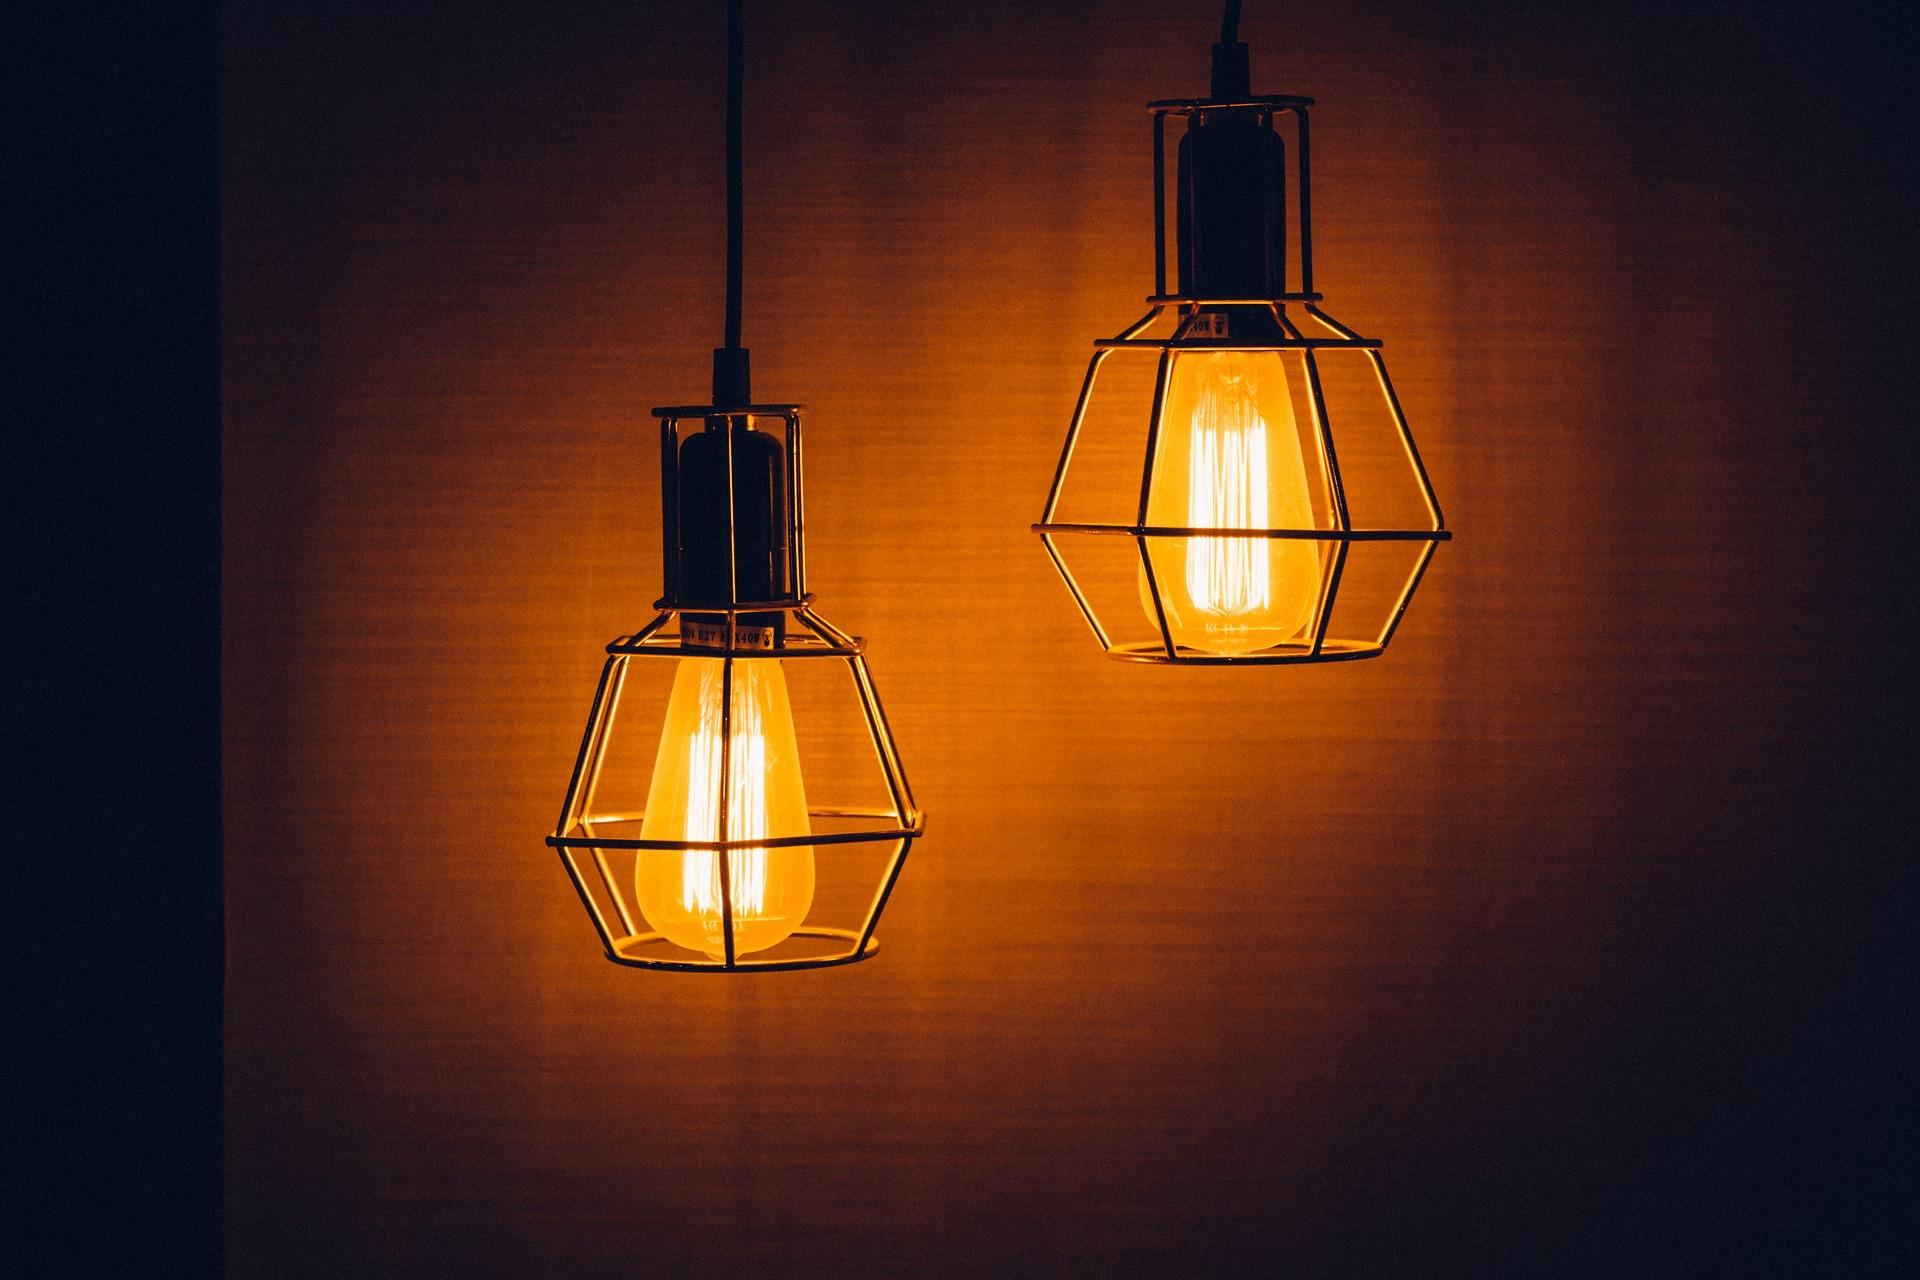 Industriele Lamp Keuken : Industriële lampen in de keuken woonprettig